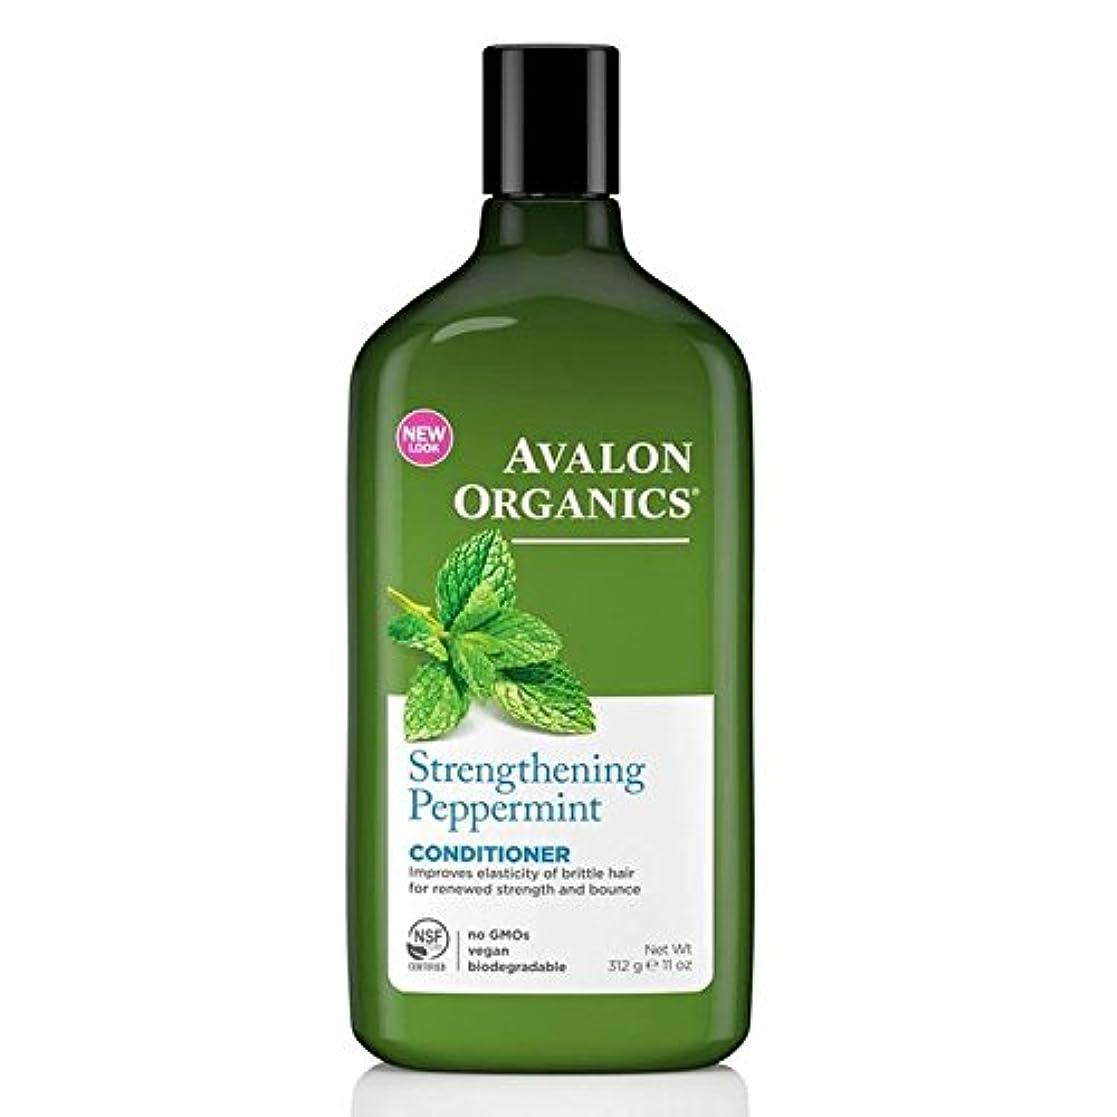 成功した宿題をする密接にAvalon Organics Peppermint Conditioner 325ml - (Avalon) ペパーミントコンディショナー325ミリリットル [並行輸入品]